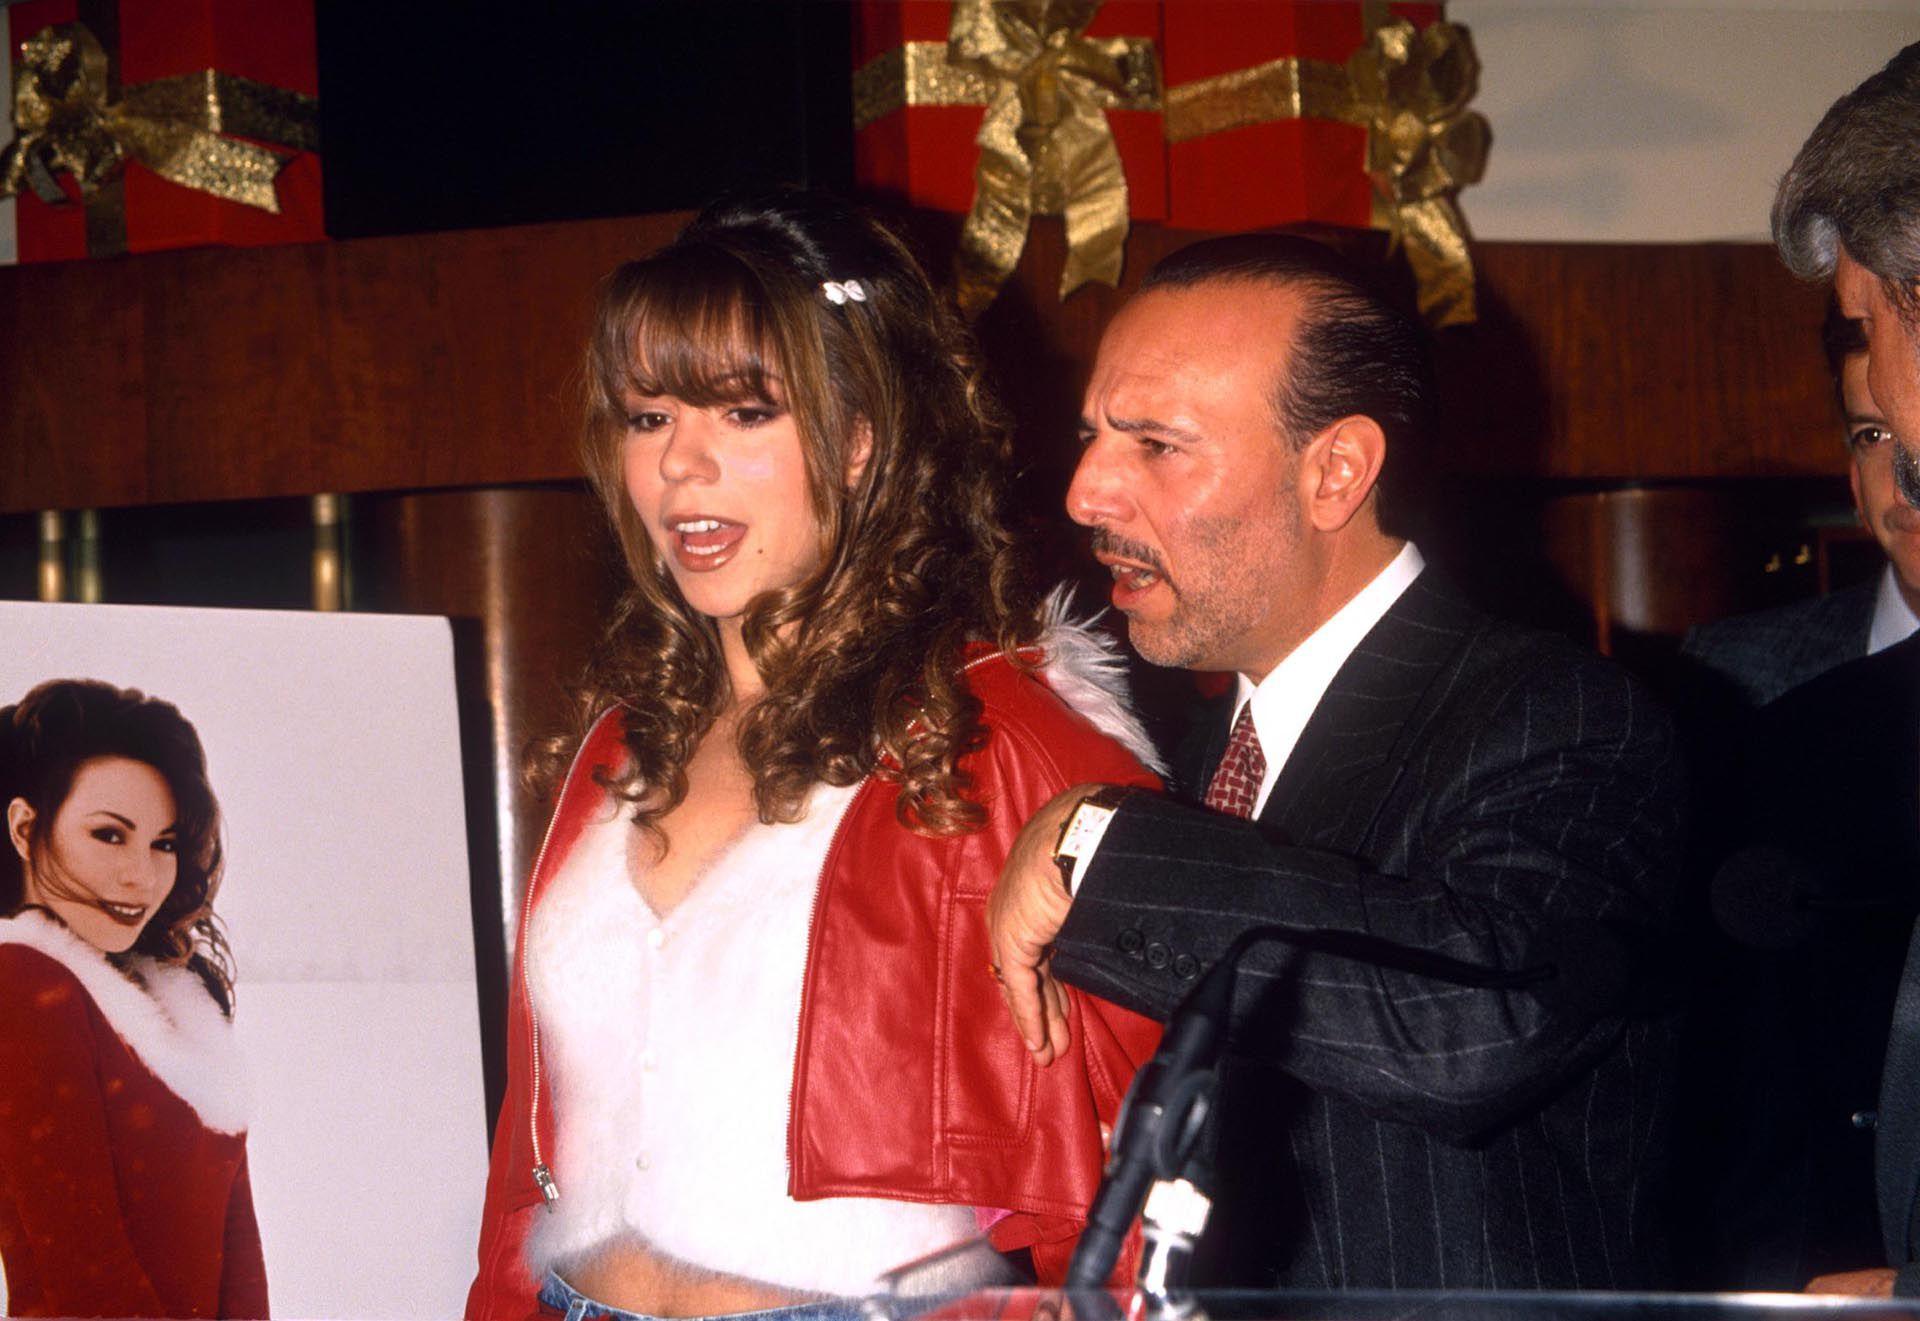 Mariah Carey con Tommy Mottola en 1994 (Crédito: Shutterstock)